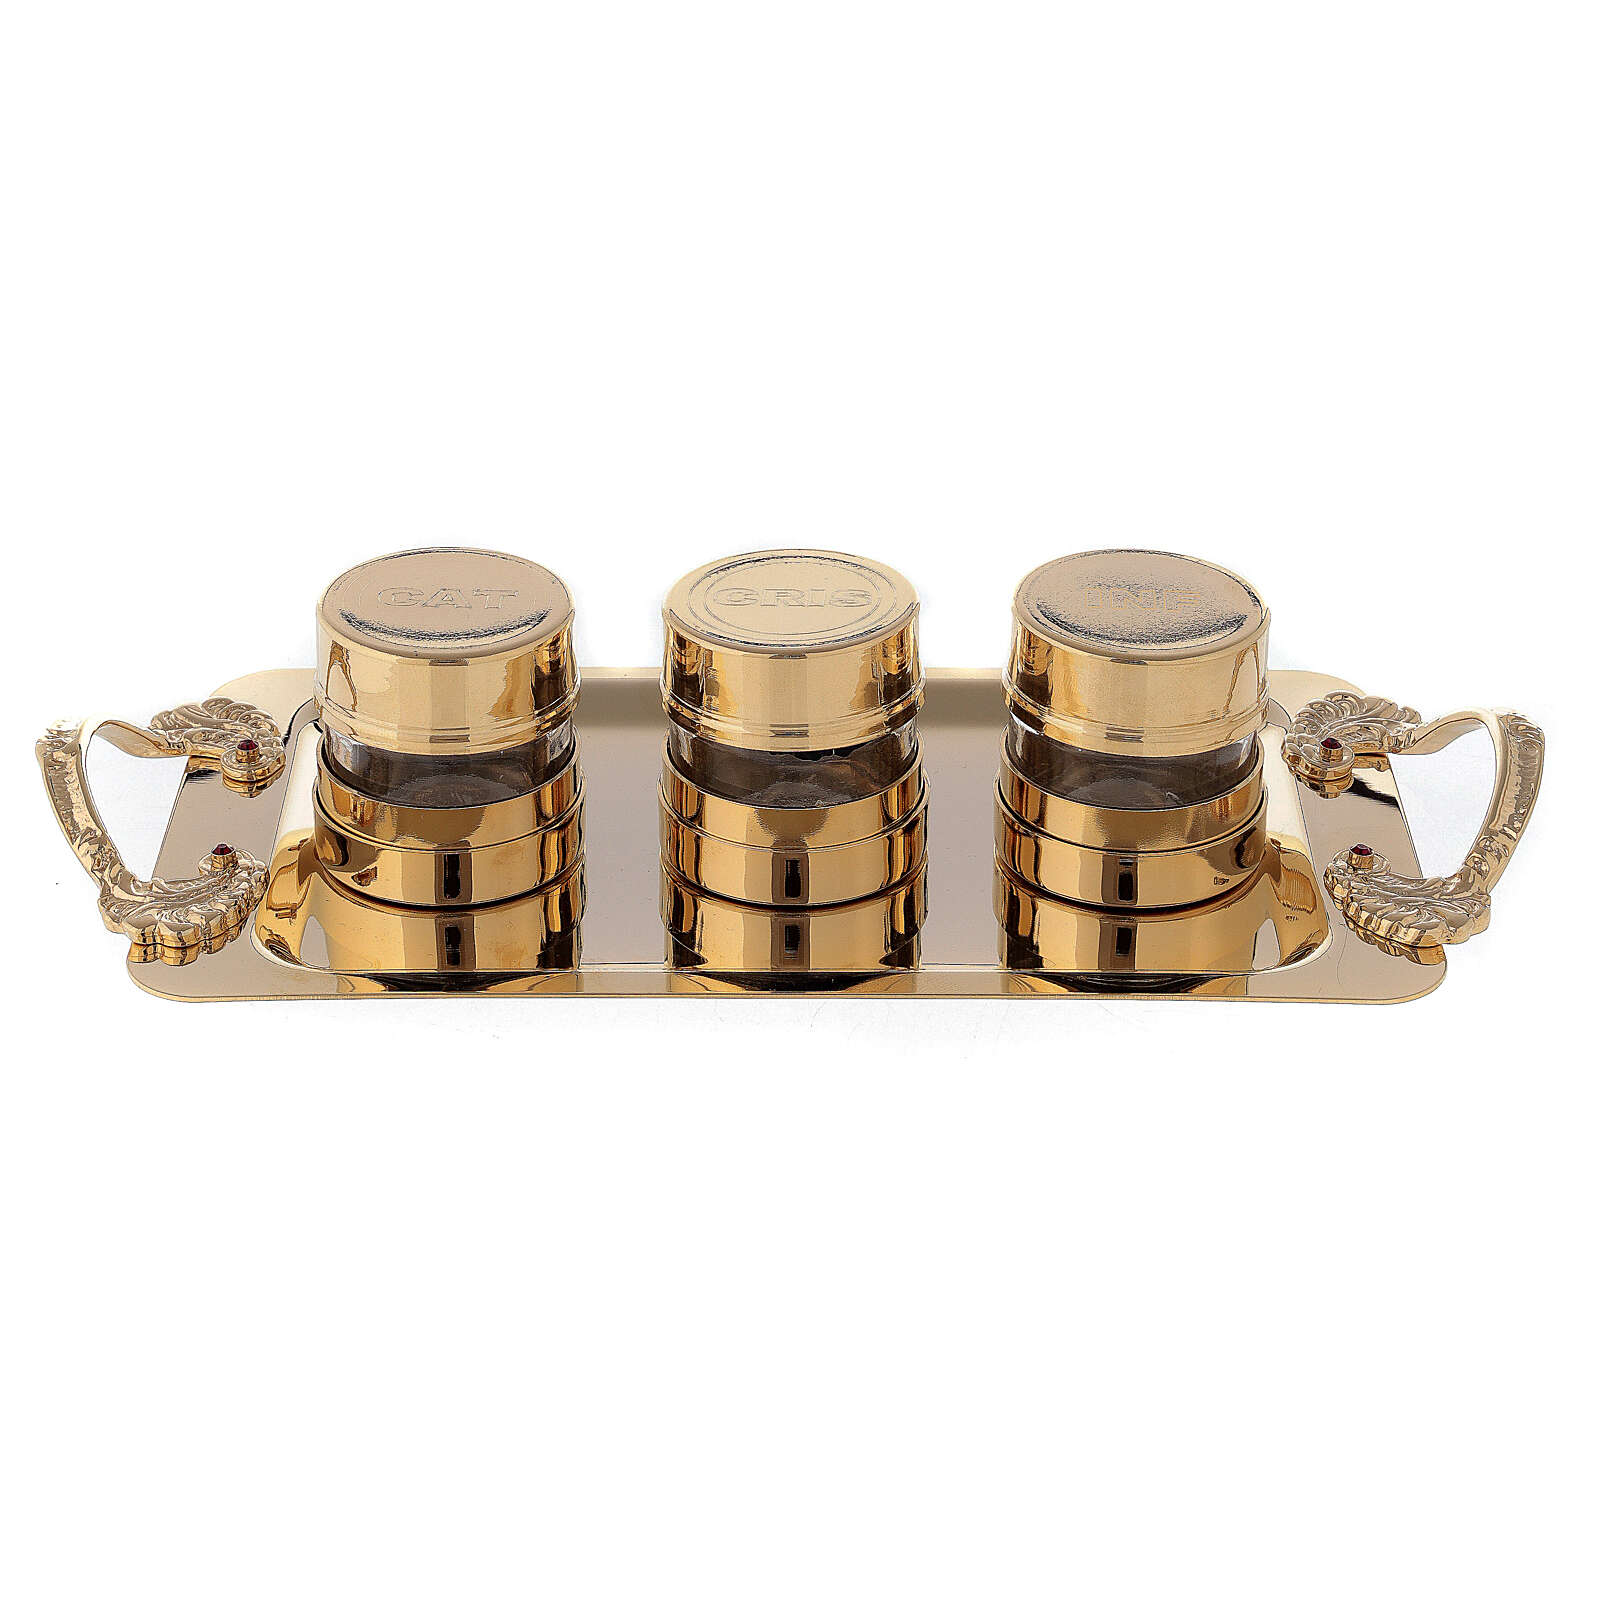 Set pour Huiles Saintes en laiton doré 24K 4